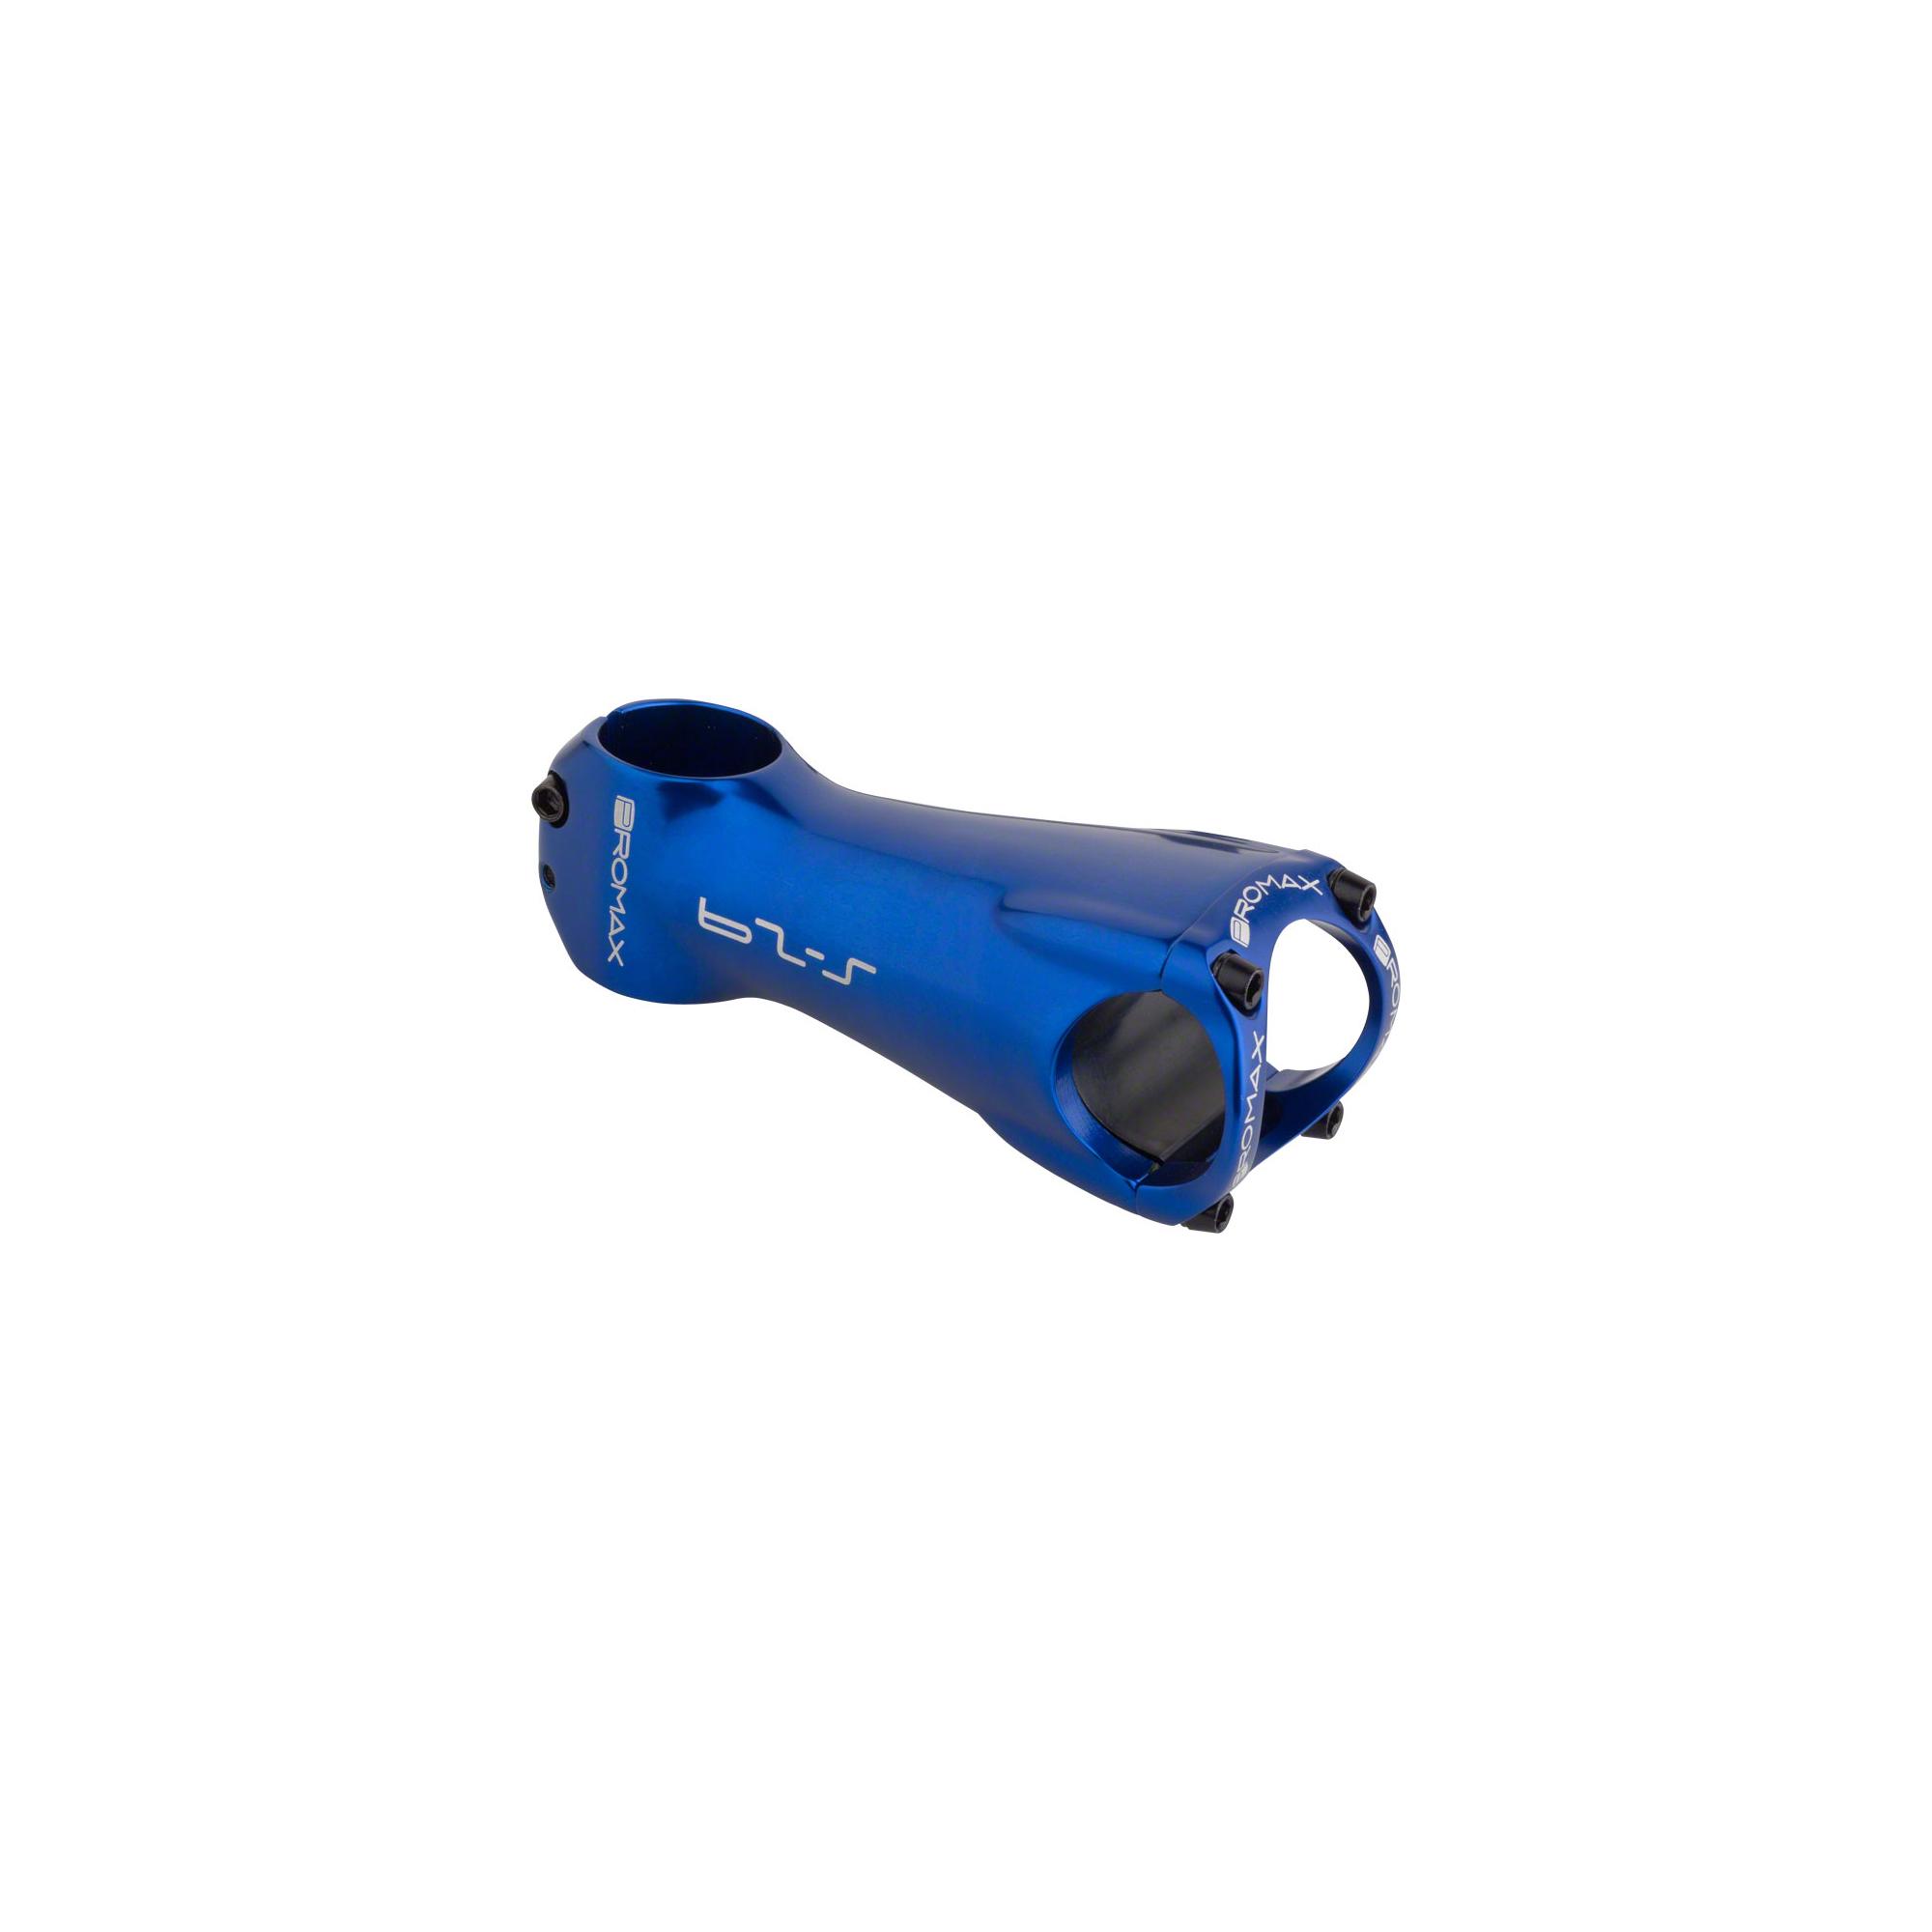 Promax S-29 Stem 90mm 0 Degree 1-1//8 Blue